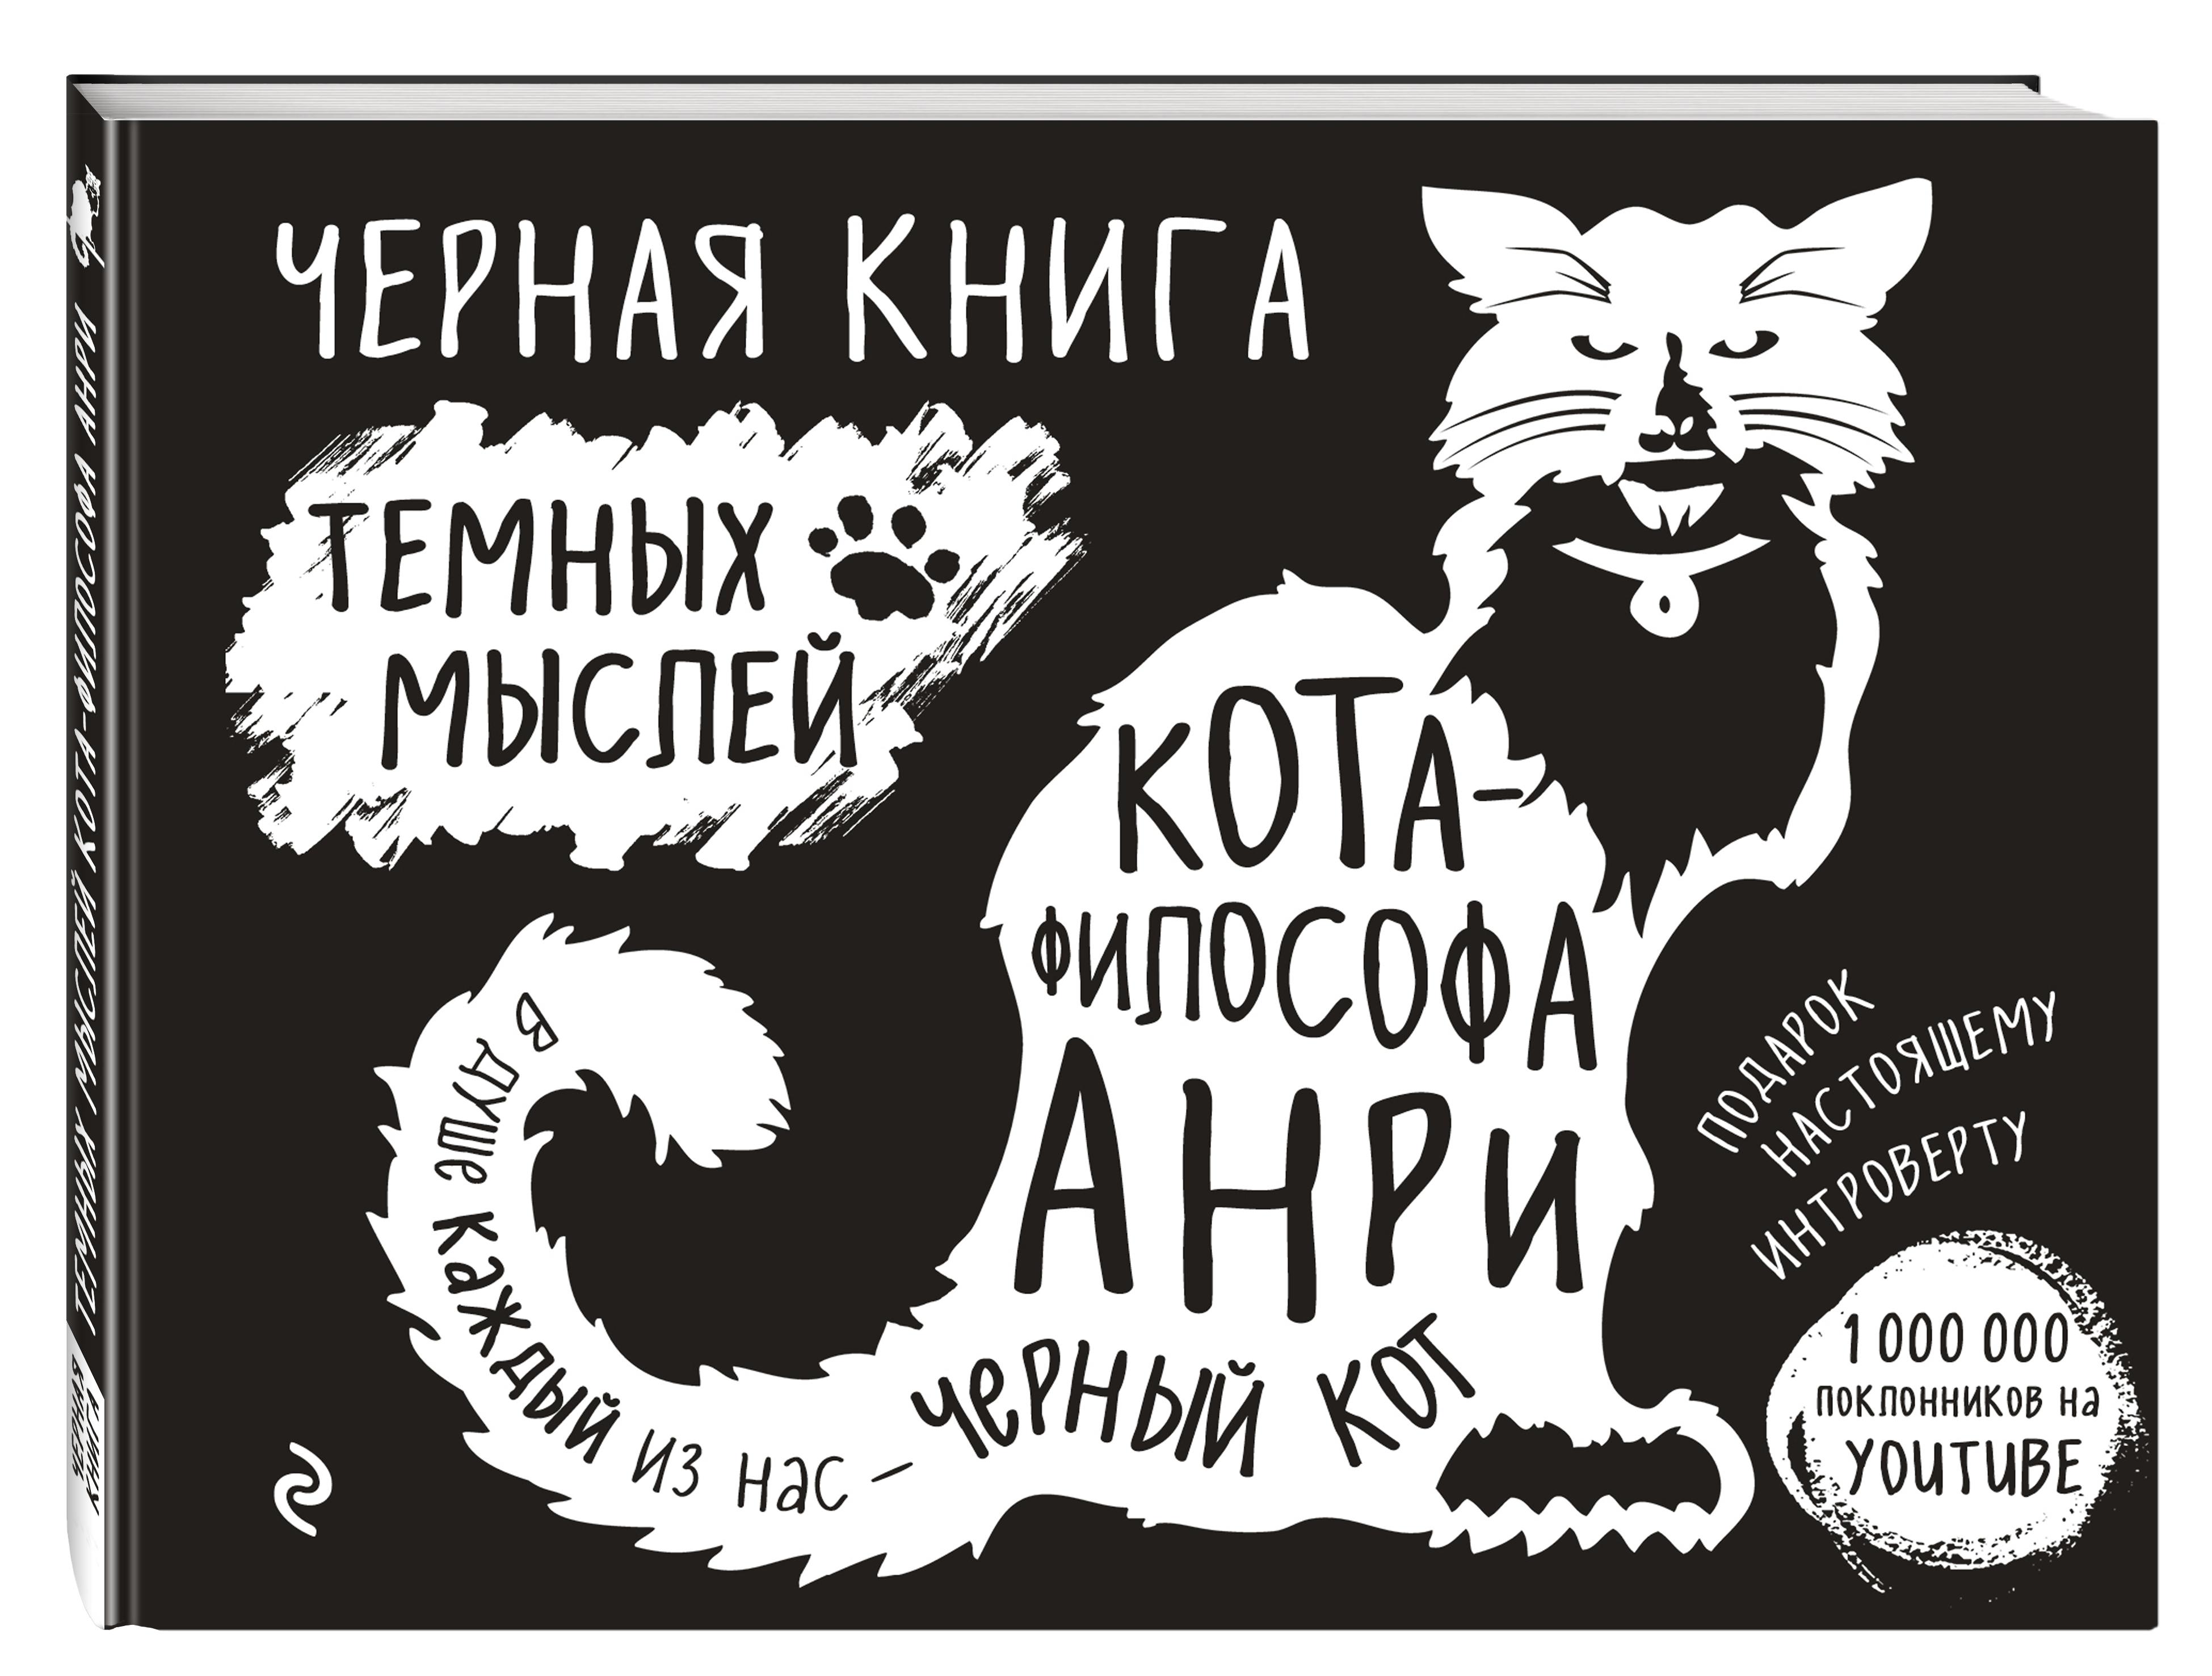 Фото - Вильям Брэден Черная книга темных мыслей кота-философа Анри. Подарок настоящему интроверту видео